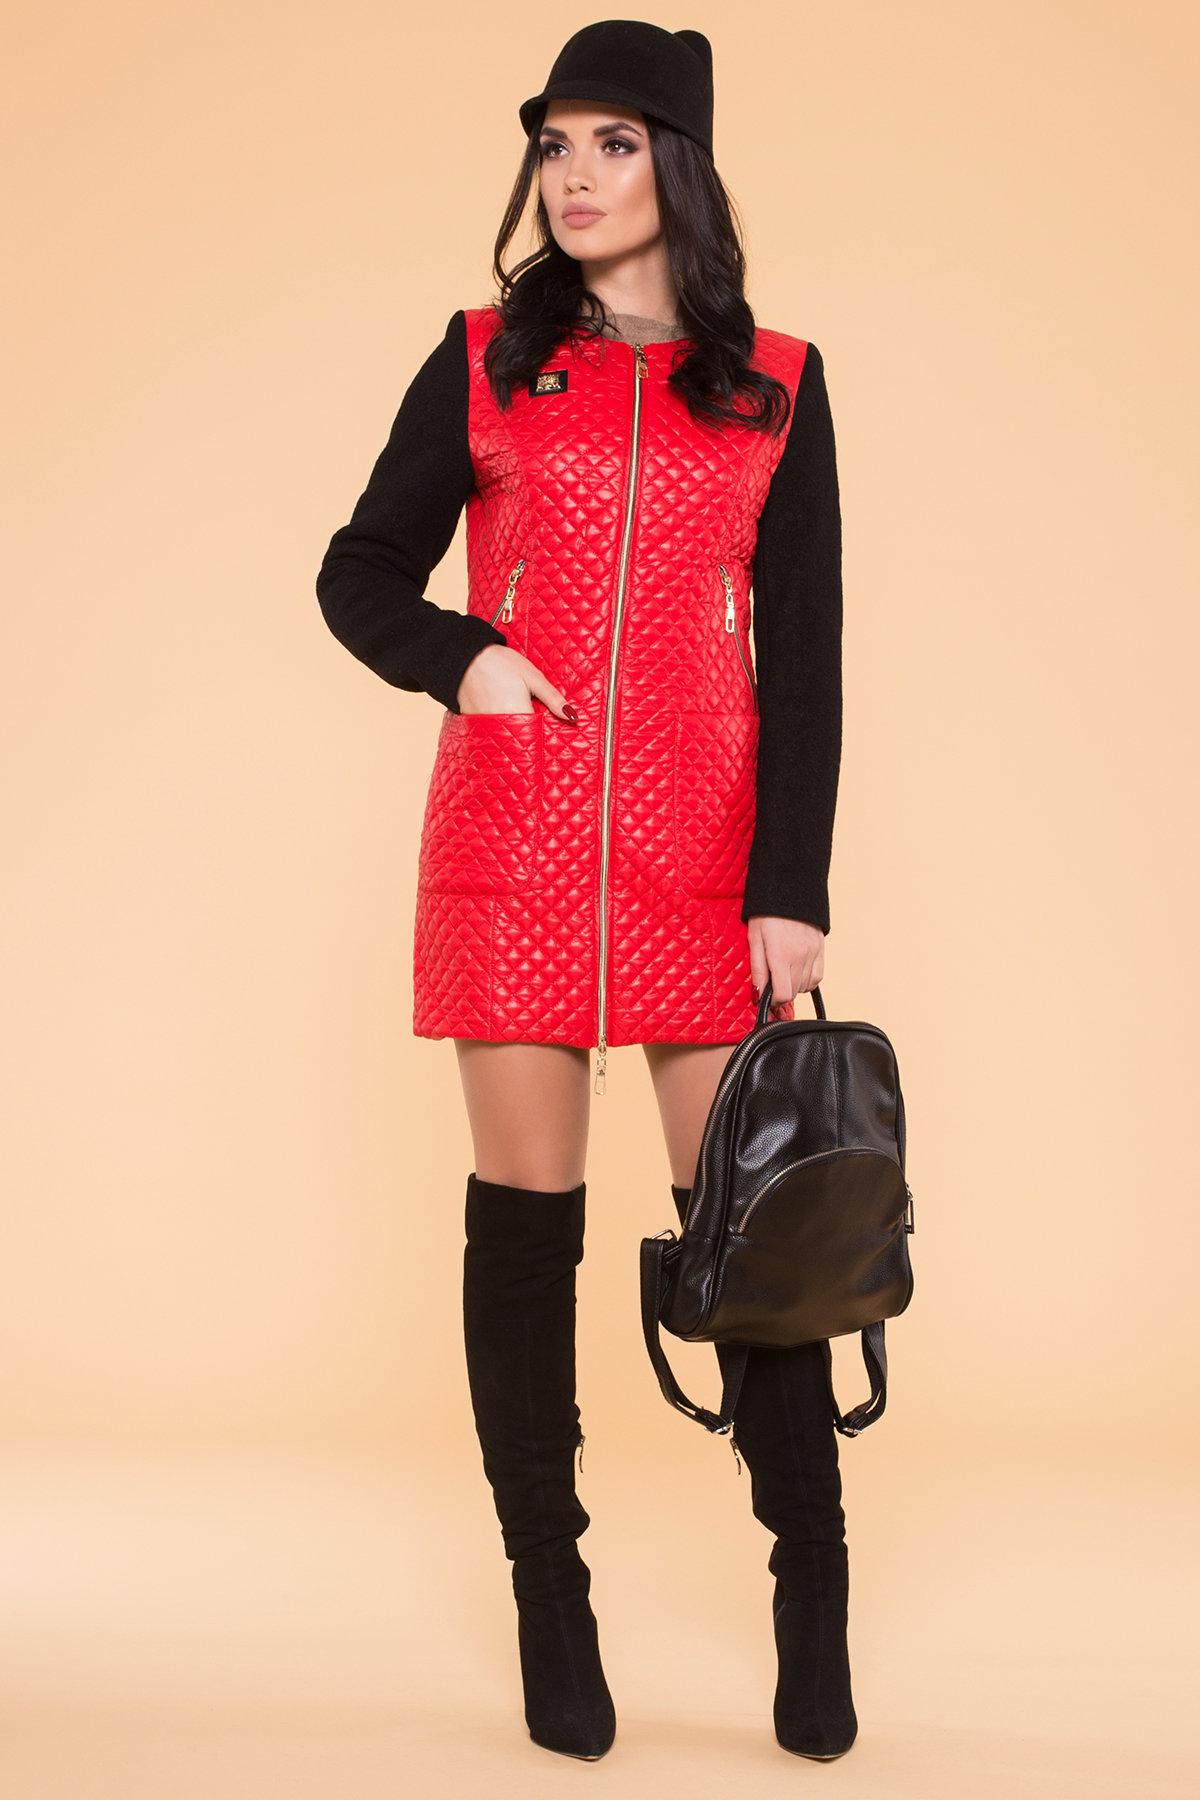 Купить пальто оптом Украина Пальто Матео 4809